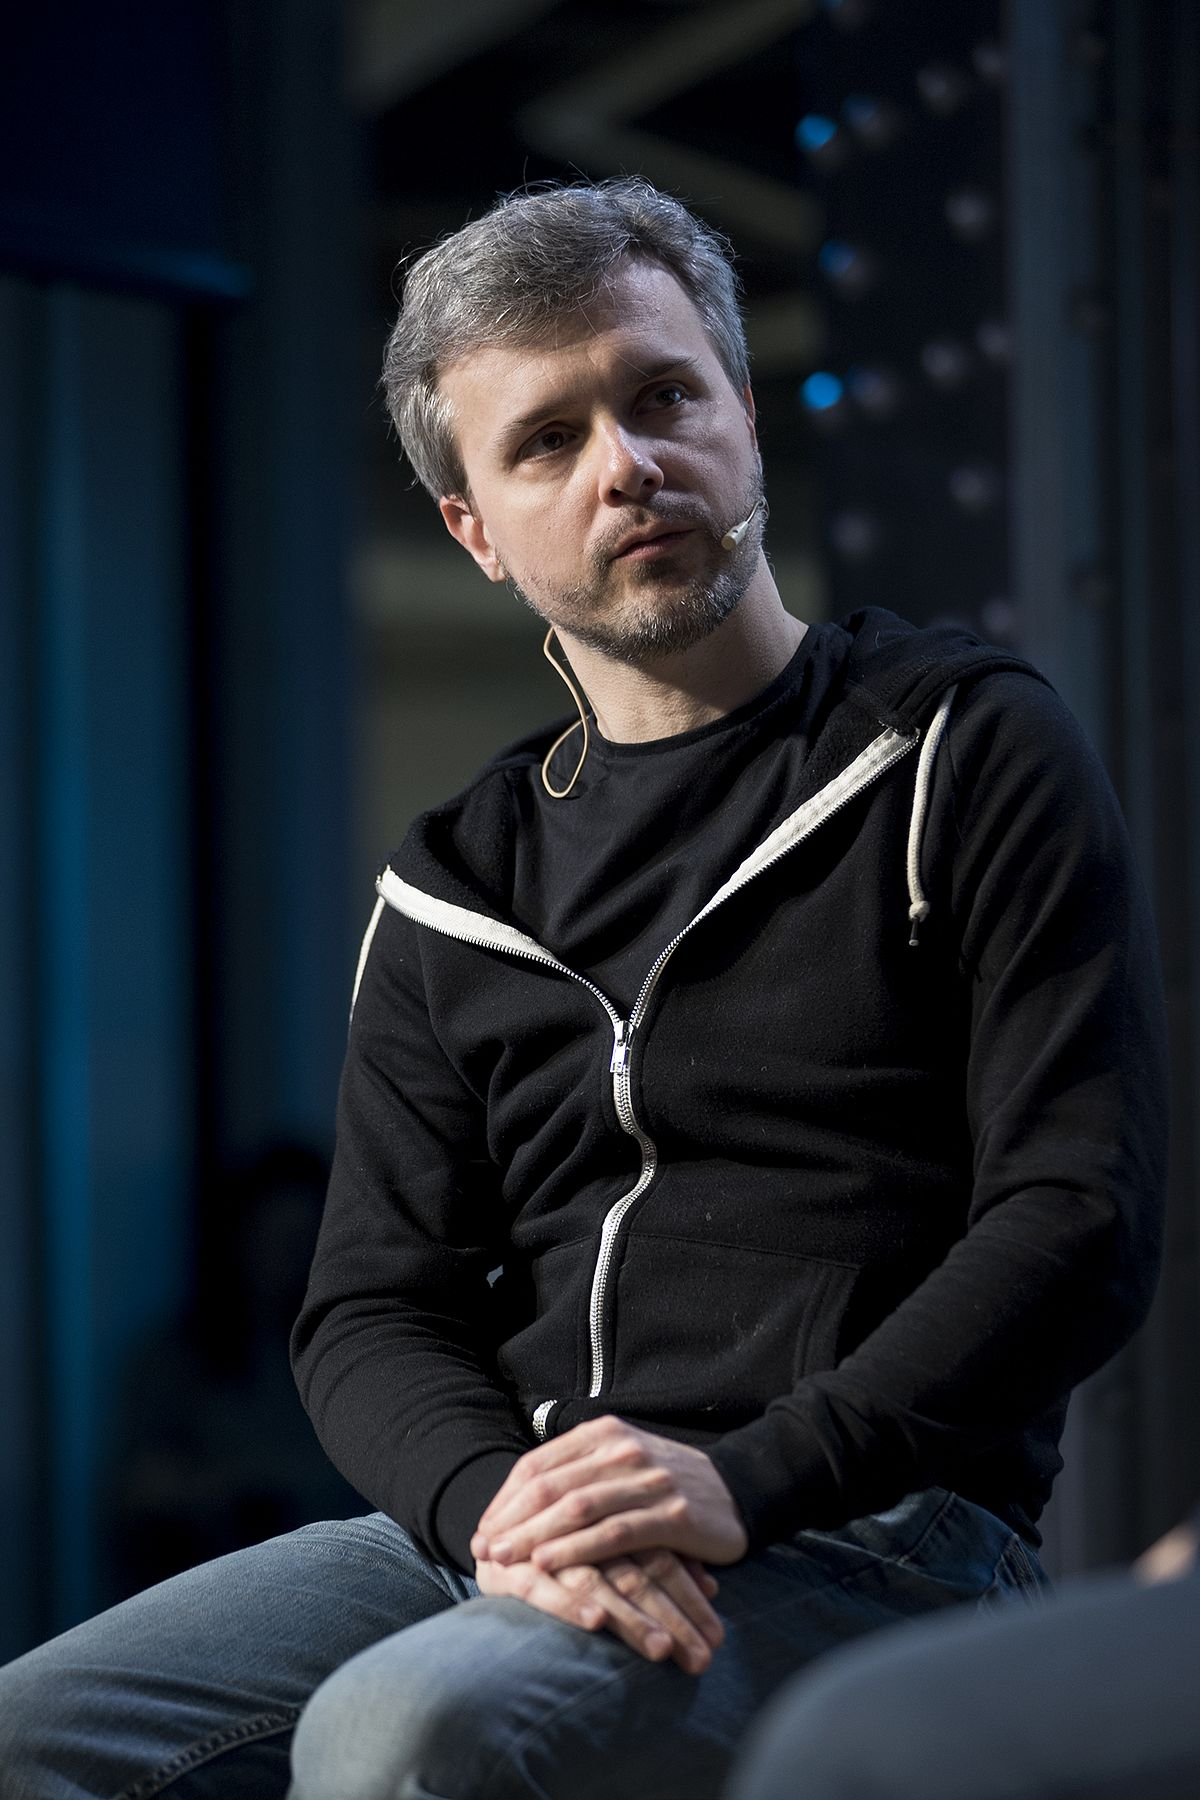 Juan Gómez-Jurado - Wikipedia